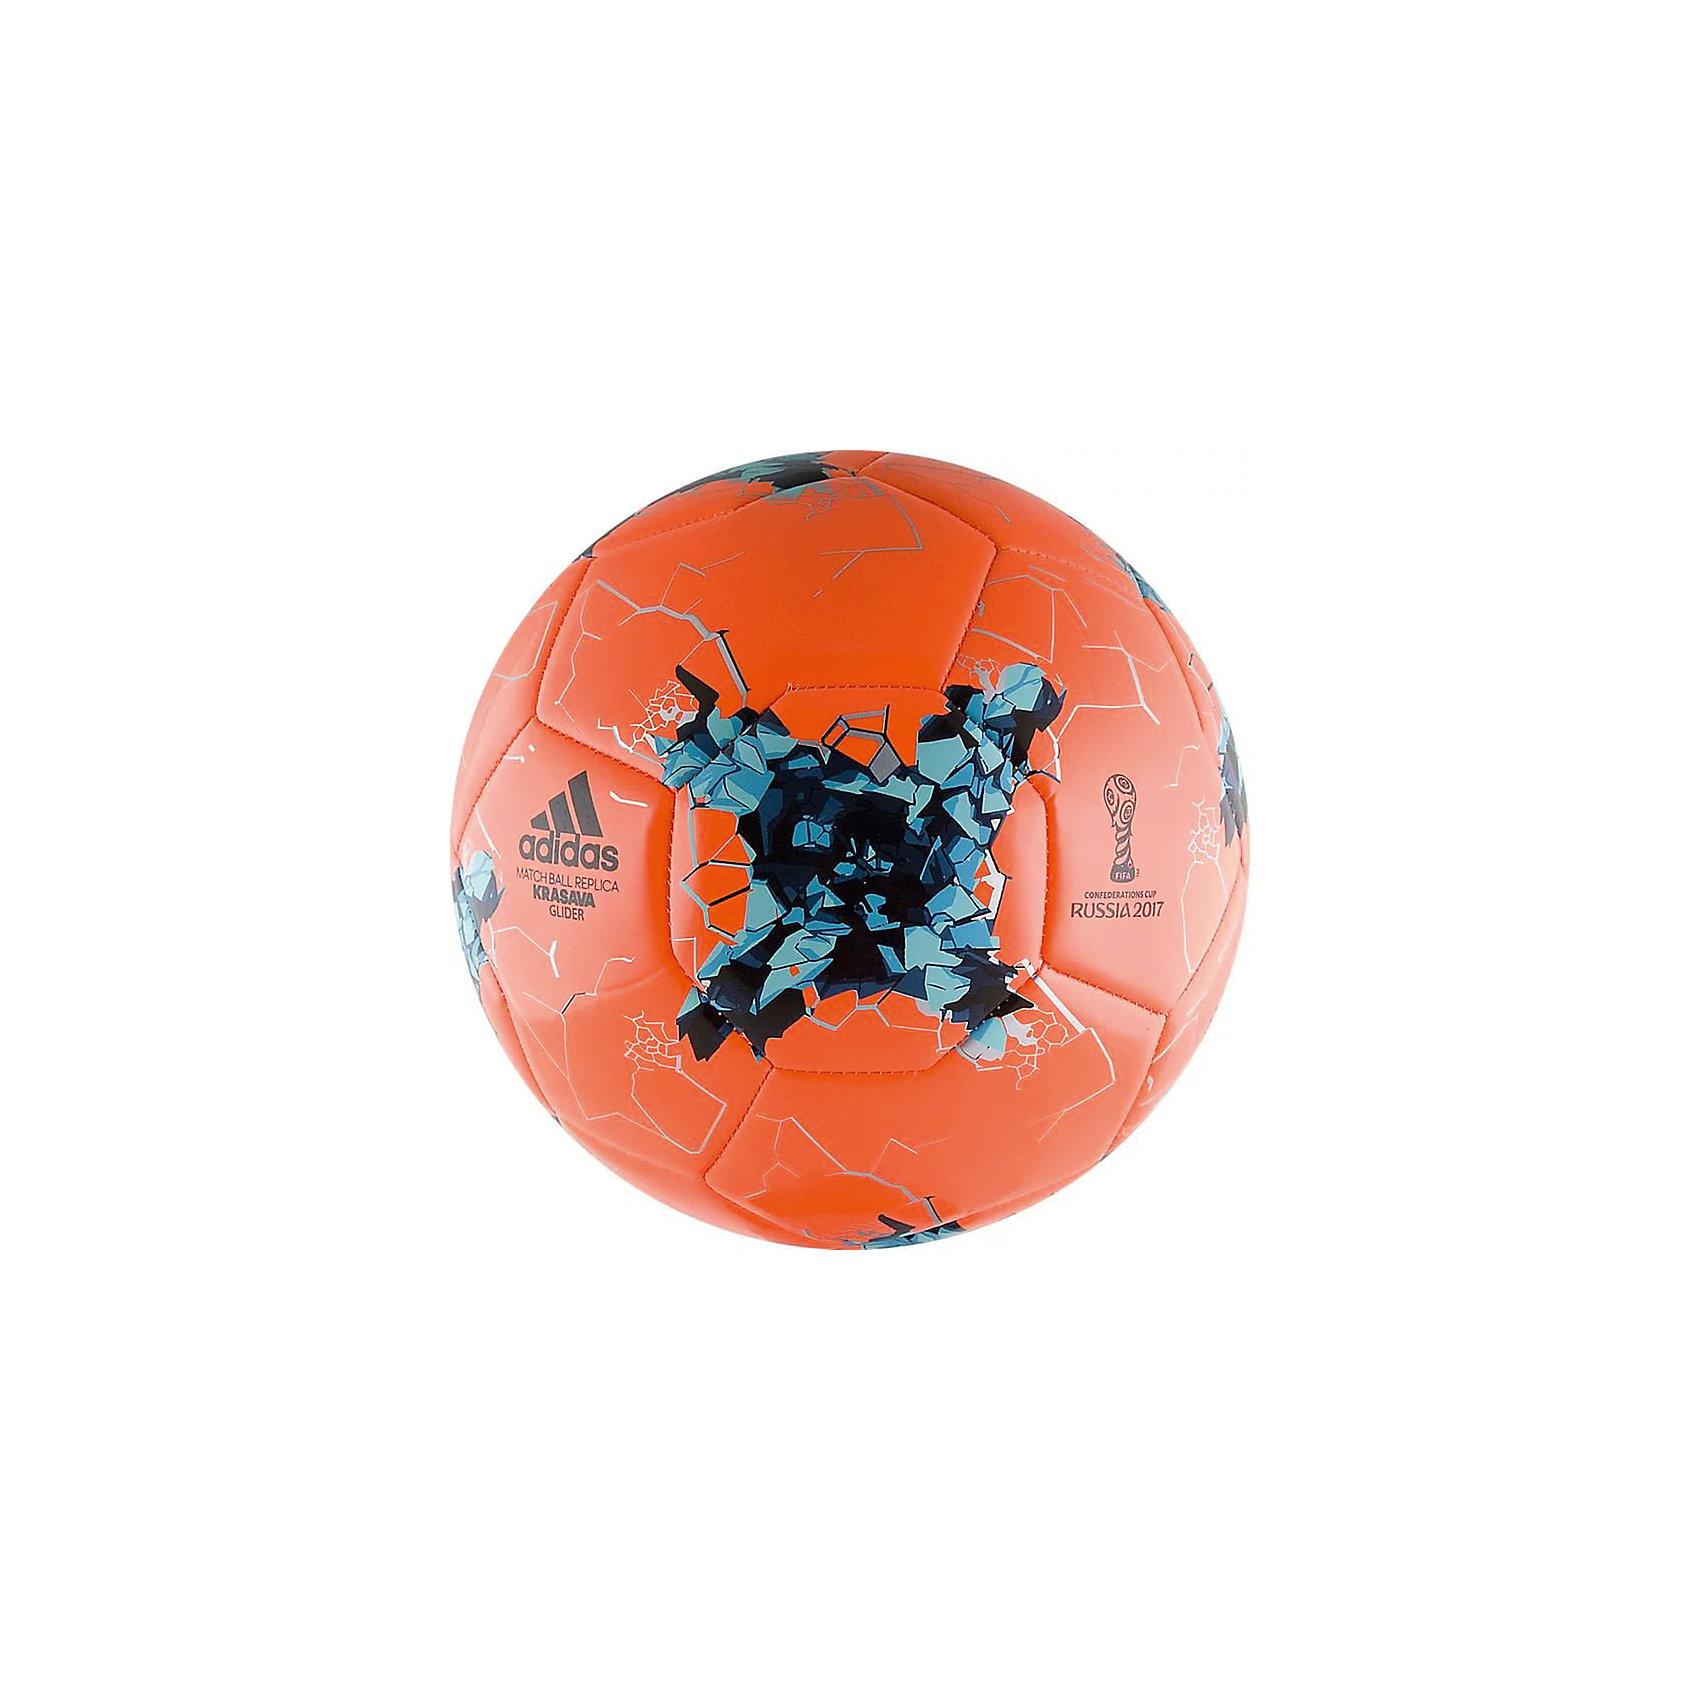 Мяч футбольный Krasava Glider р. 5, оранжевый, adidasМячи детские<br>Характеристики товара:<br><br>• тип: футбольный<br>• размер: 5<br>• окружность: 68-70см<br>• количество панелей: 18<br>• количество подкладочных слоев: 1<br>• вес: 430гр<br>• материалы камеры: бутиловая<br>• материал покрышки: синтетическая кожа (термополиуретан)<br>• тип соединения панелей: машинная сшивка<br>• страна-производитель: Индонезия<br><br>Футбольный мяч от компании Adidas создан специально в честь Кубка конфедераций 2017. Отлично подойдет для оттачивания мастерства. Футбольный мяч Adidas Confederations Cup Glider декорирован графикой турнира. <br><br>ВНИМАНИЕ!!! Все мячи с завода-изготовителя поступают в спущенном или приспущенном состоянии для их безопасного перемещения и хранения.<br><br>Мяч футбольный Krasava Glider р. 5, adidas можно купить в нашем интернет-магазине.<br><br>Ширина мм: 75<br>Глубина мм: 220<br>Высота мм: 220<br>Вес г: 430<br>Возраст от месяцев: 36<br>Возраст до месяцев: 2147483647<br>Пол: Унисекс<br>Возраст: Детский<br>SKU: 5574474